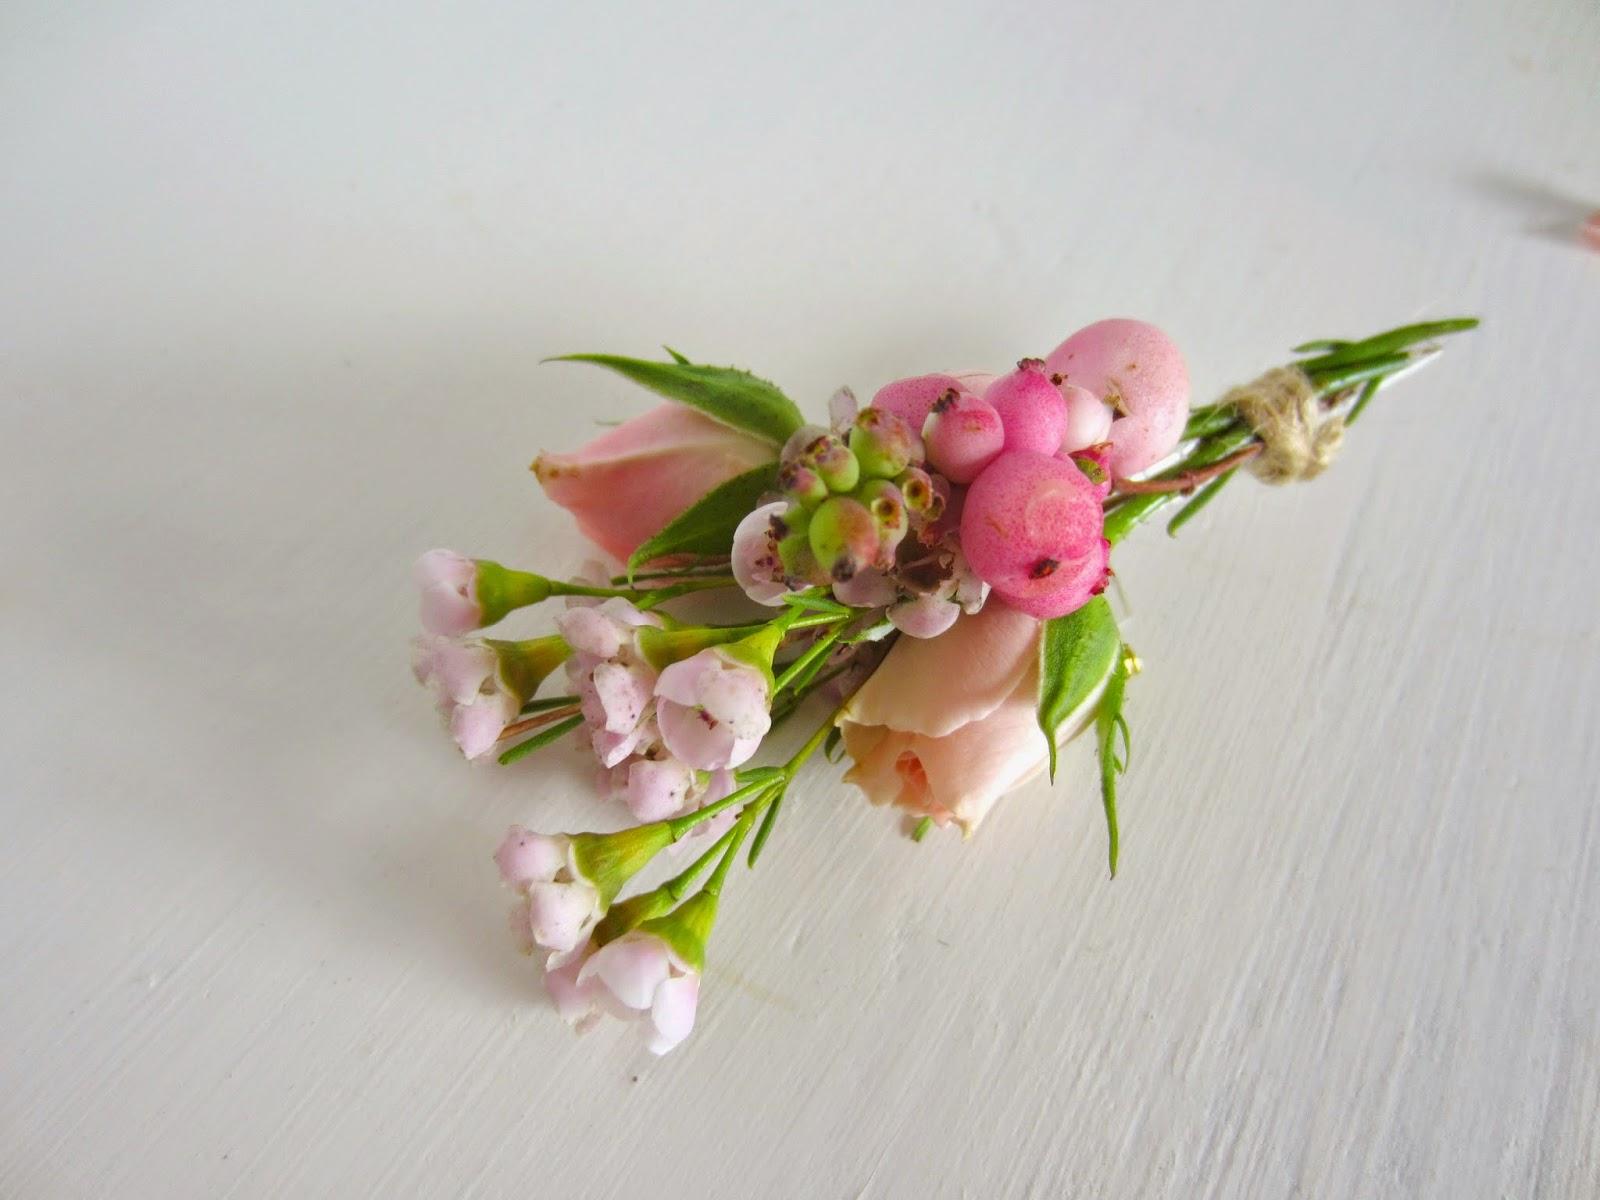 la petite boutique de fleurs fleuriste mariage lyon septembre 2014. Black Bedroom Furniture Sets. Home Design Ideas